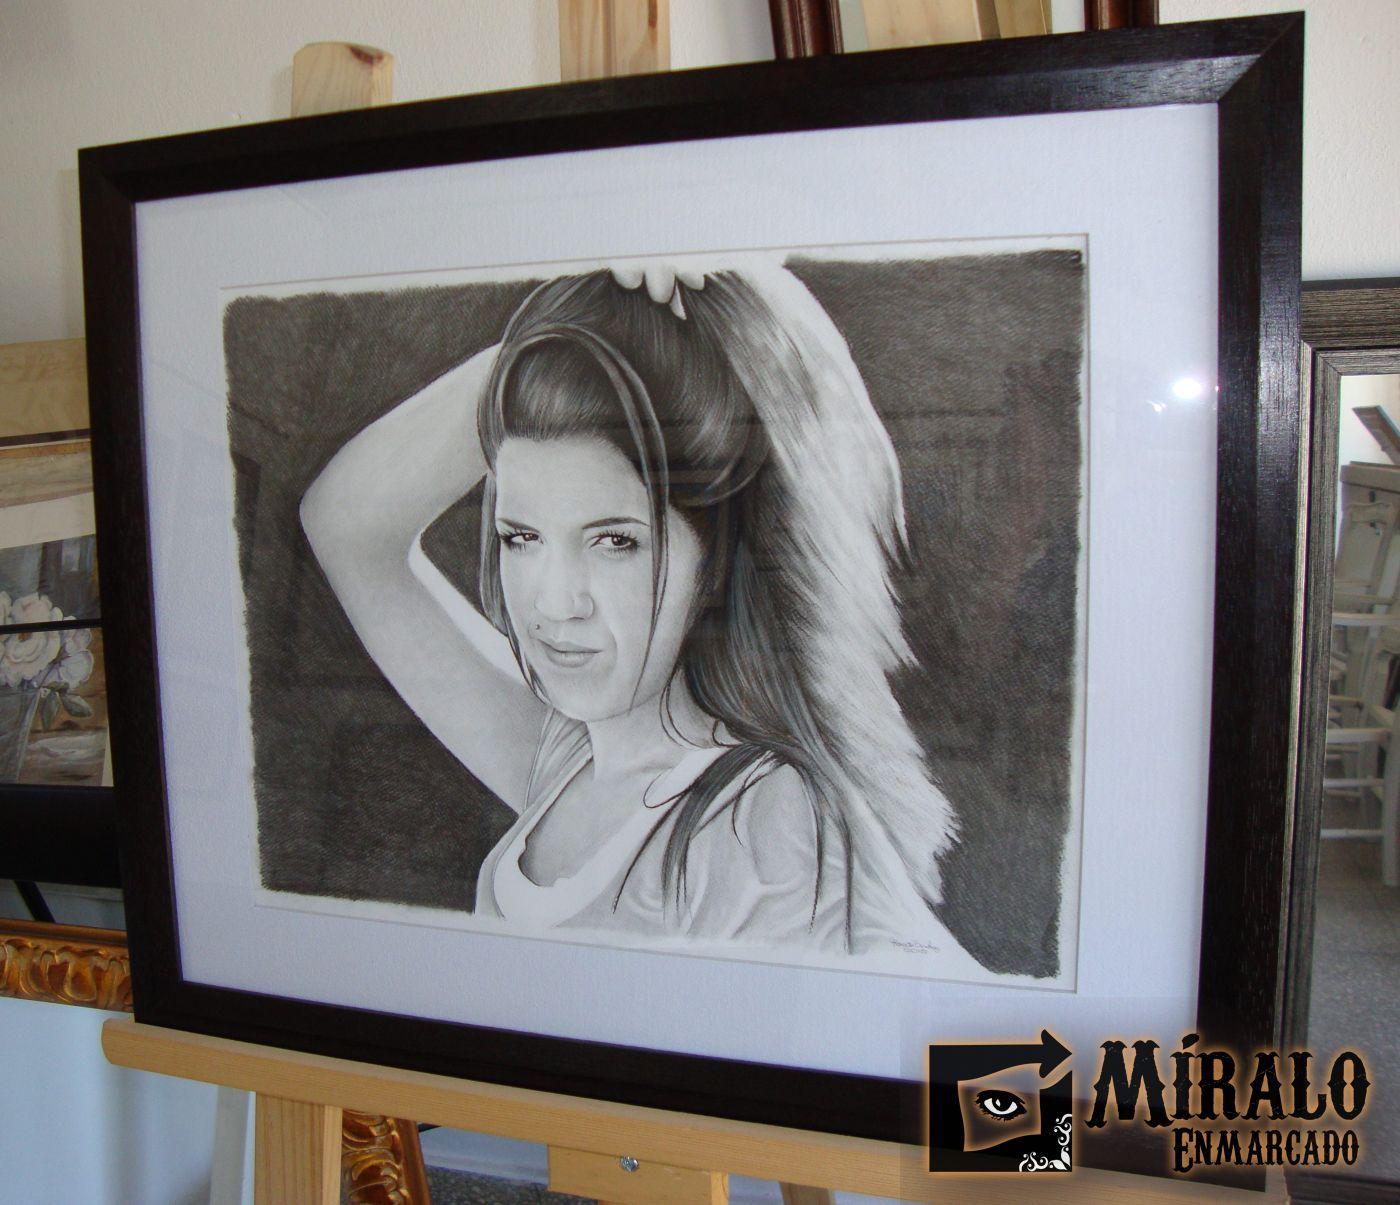 Miralo enmarcado taller de marcos cuadros y espejos for Enmarcado de cuadros precios